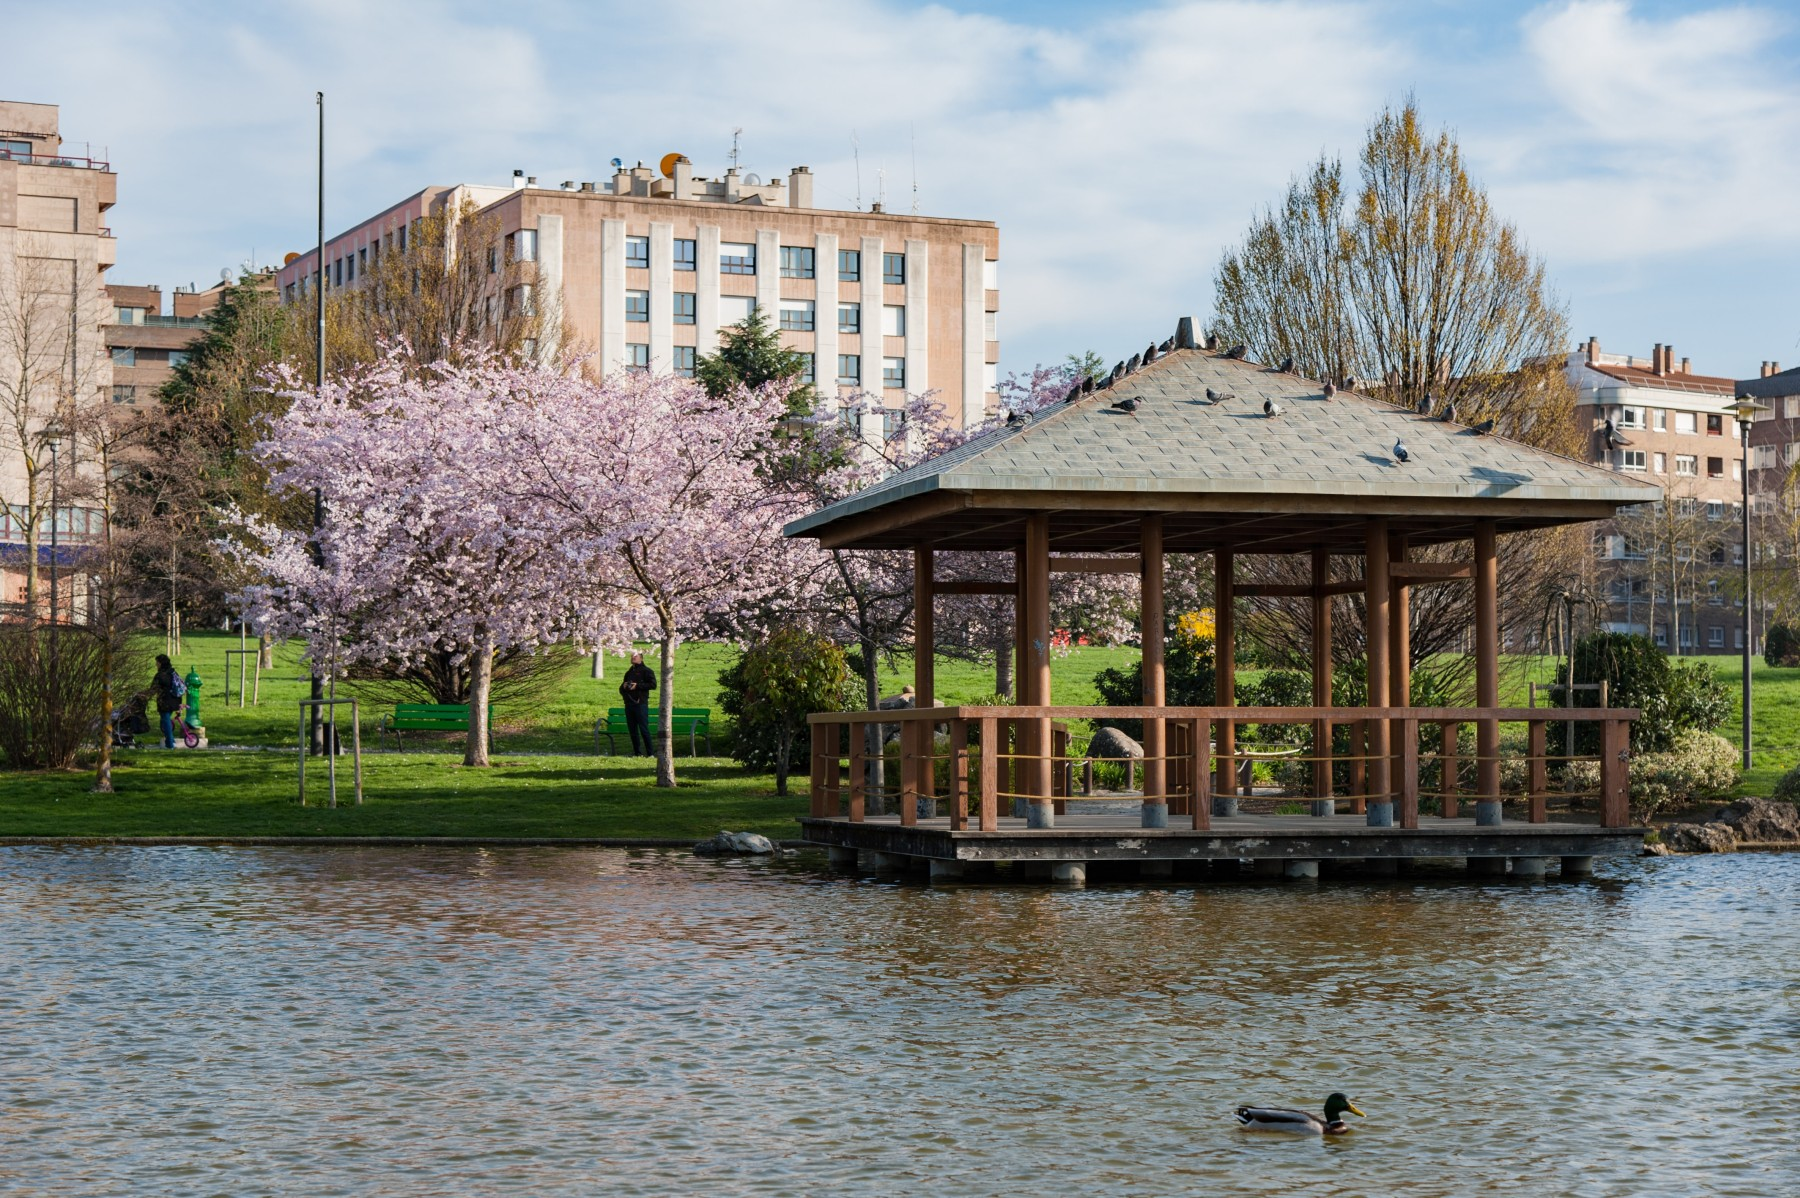 parque Yamaguchi jardin japones pamplona mejores planes viajar alsa bus